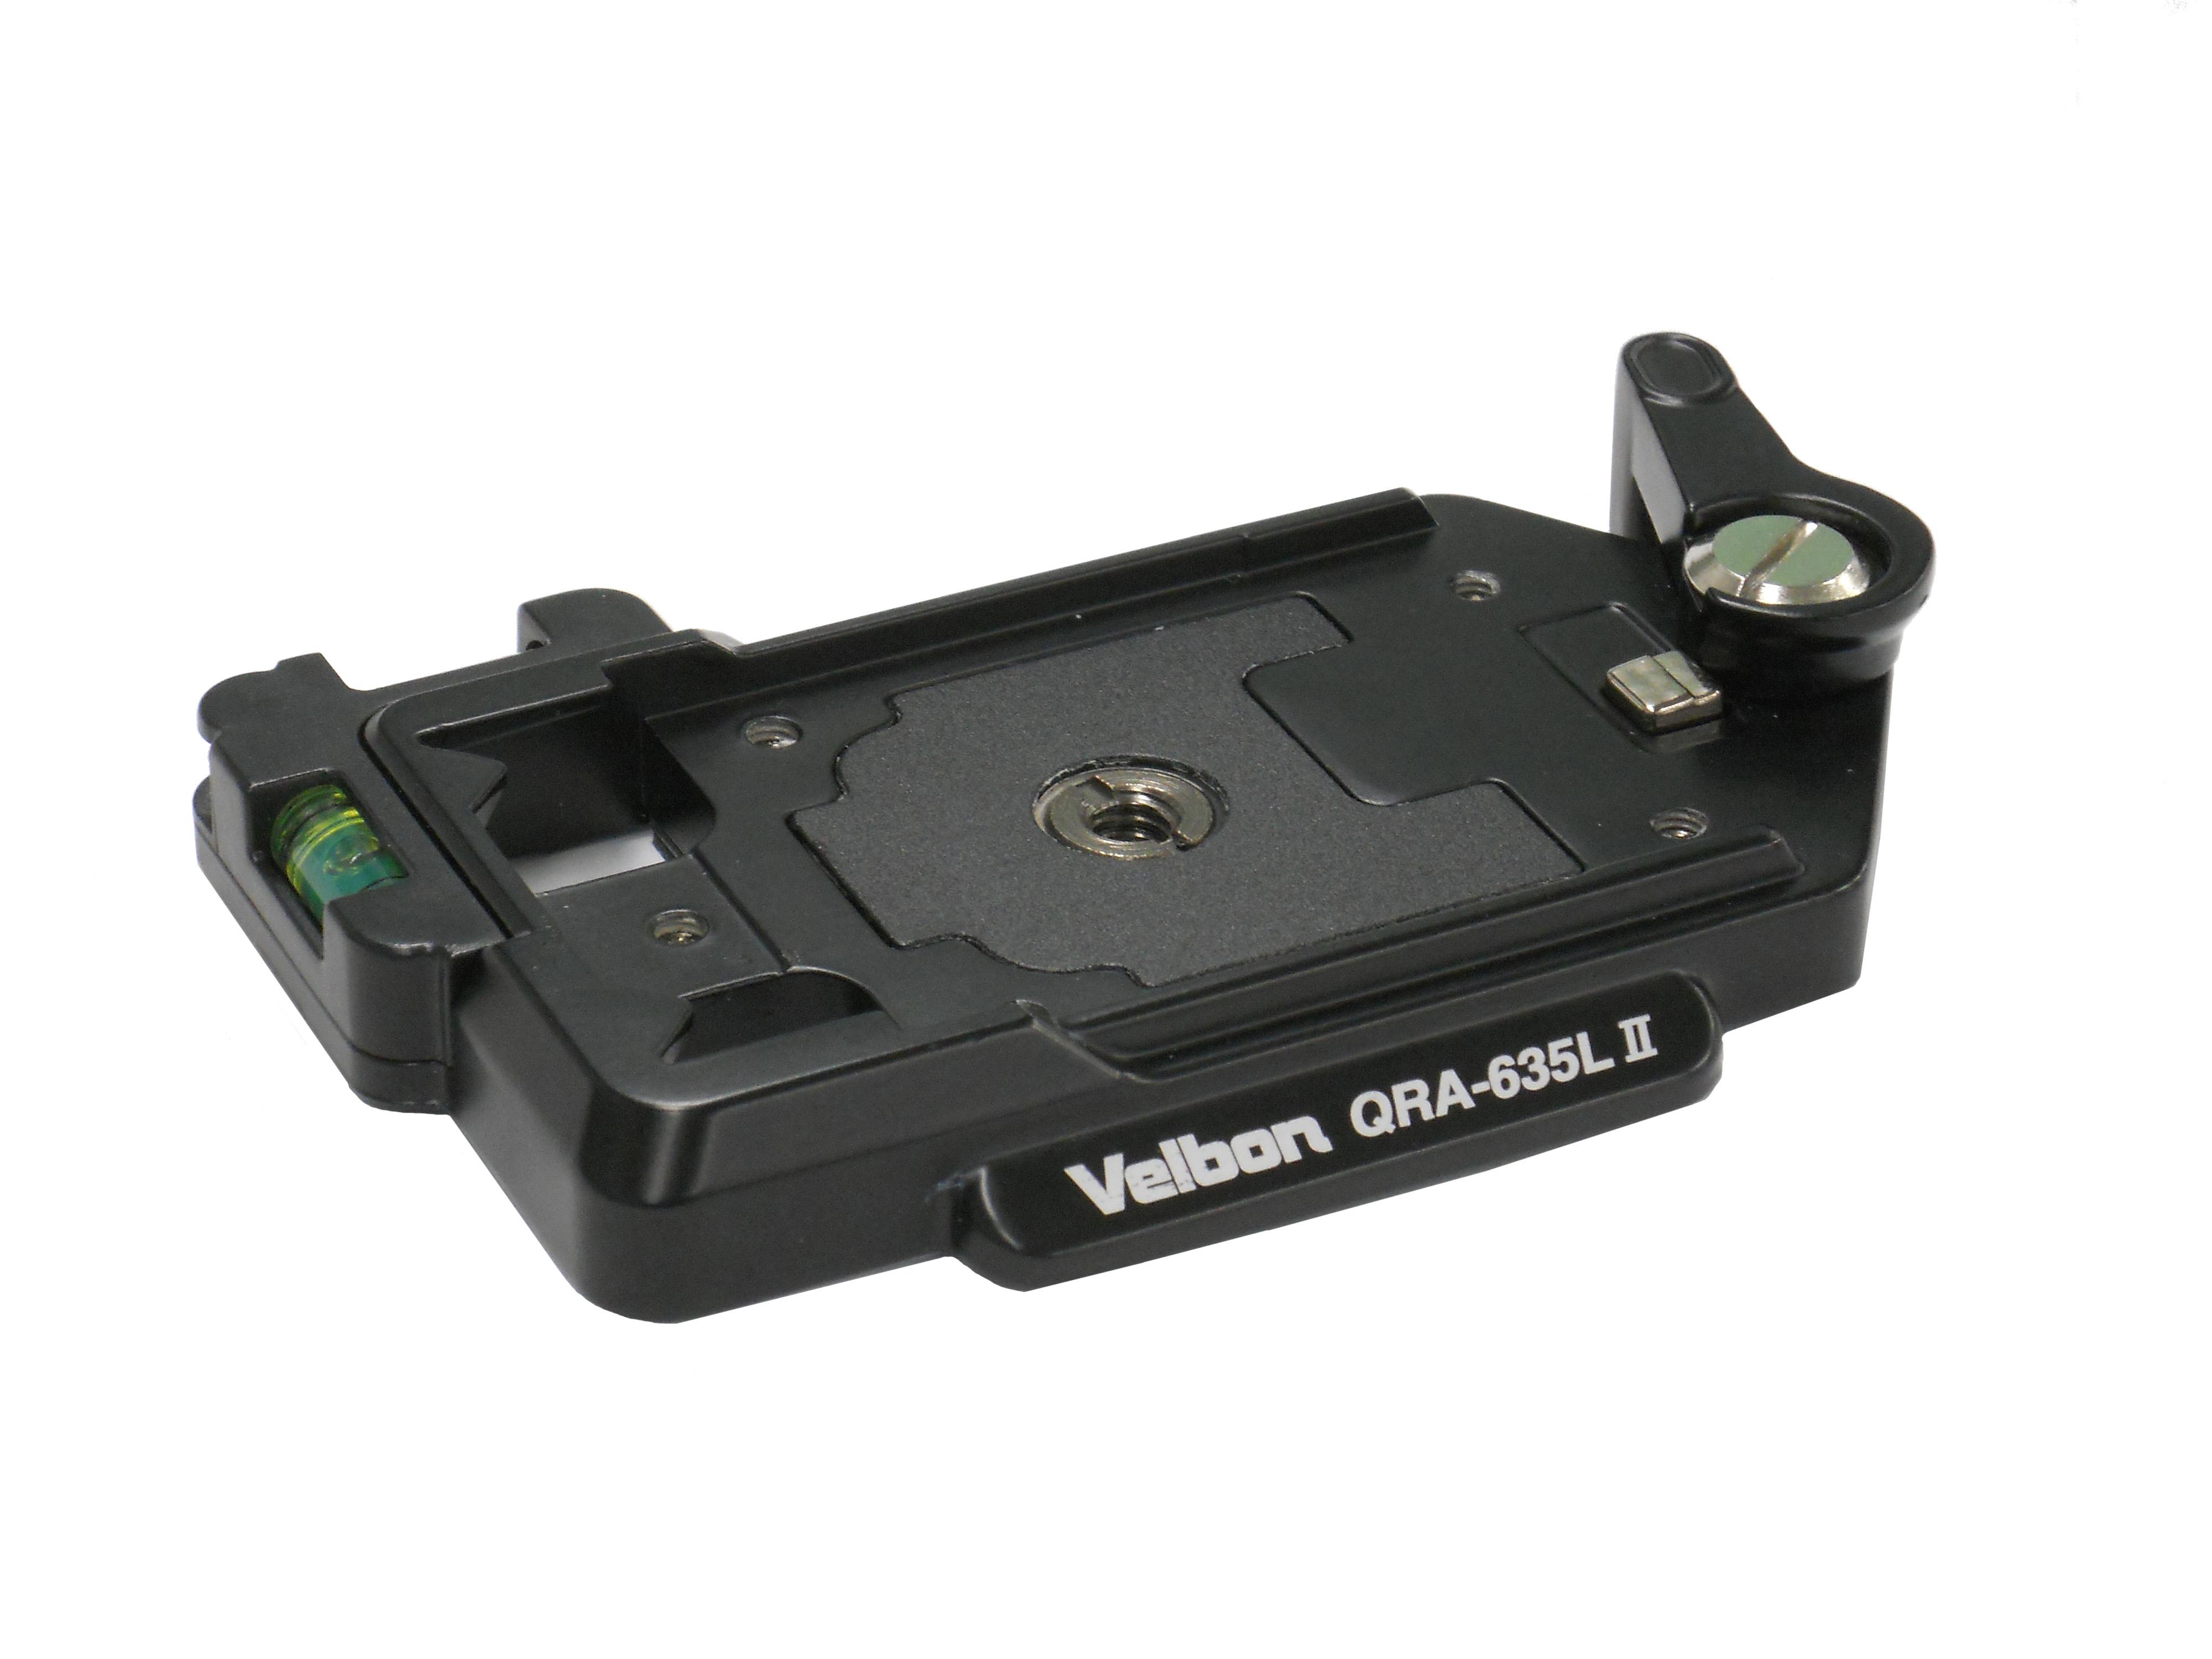 QRA-635L II ベース